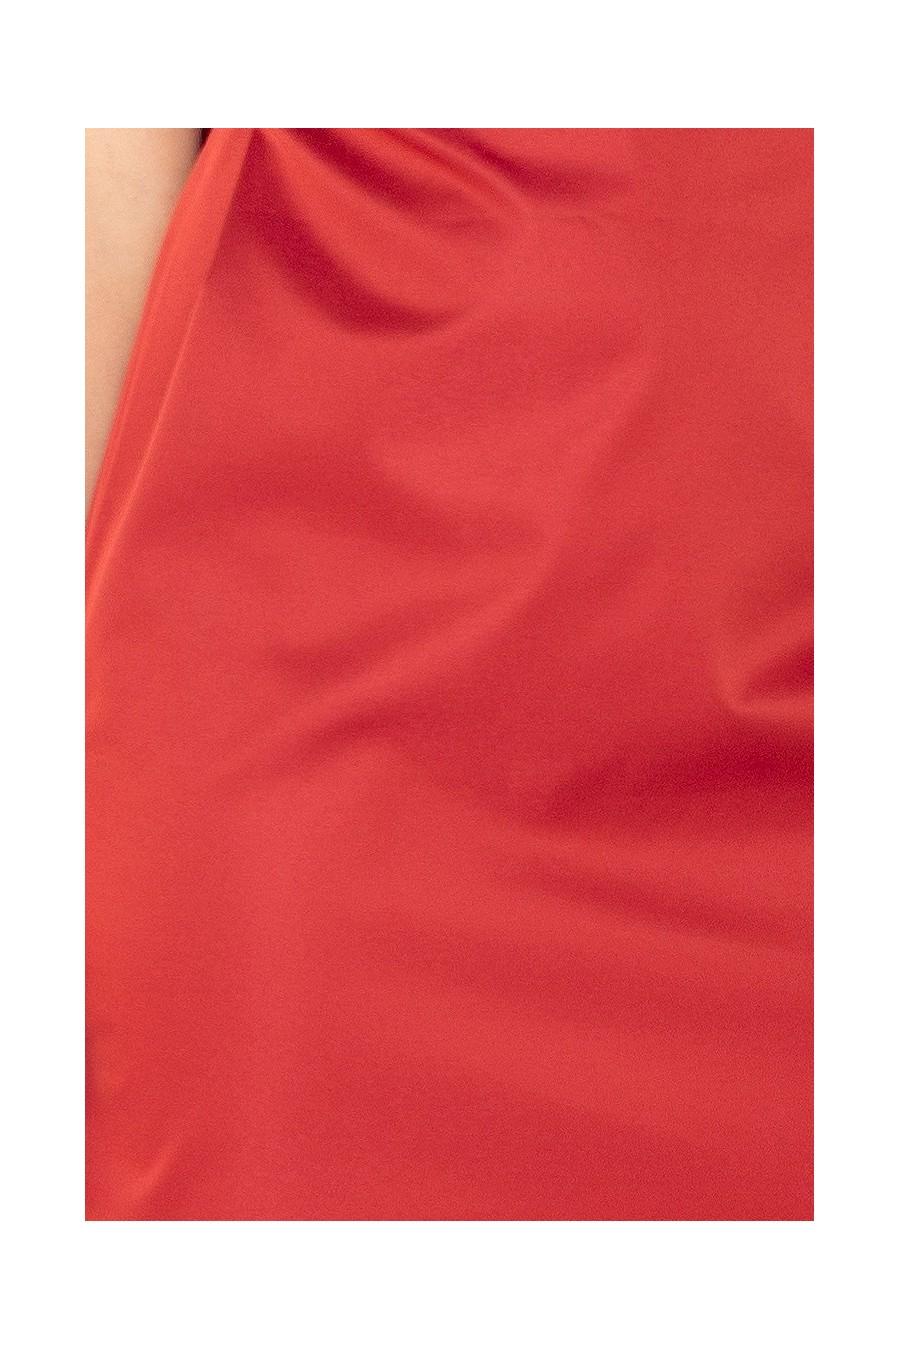 MEMORY - šaty s vázání - měď 126-4